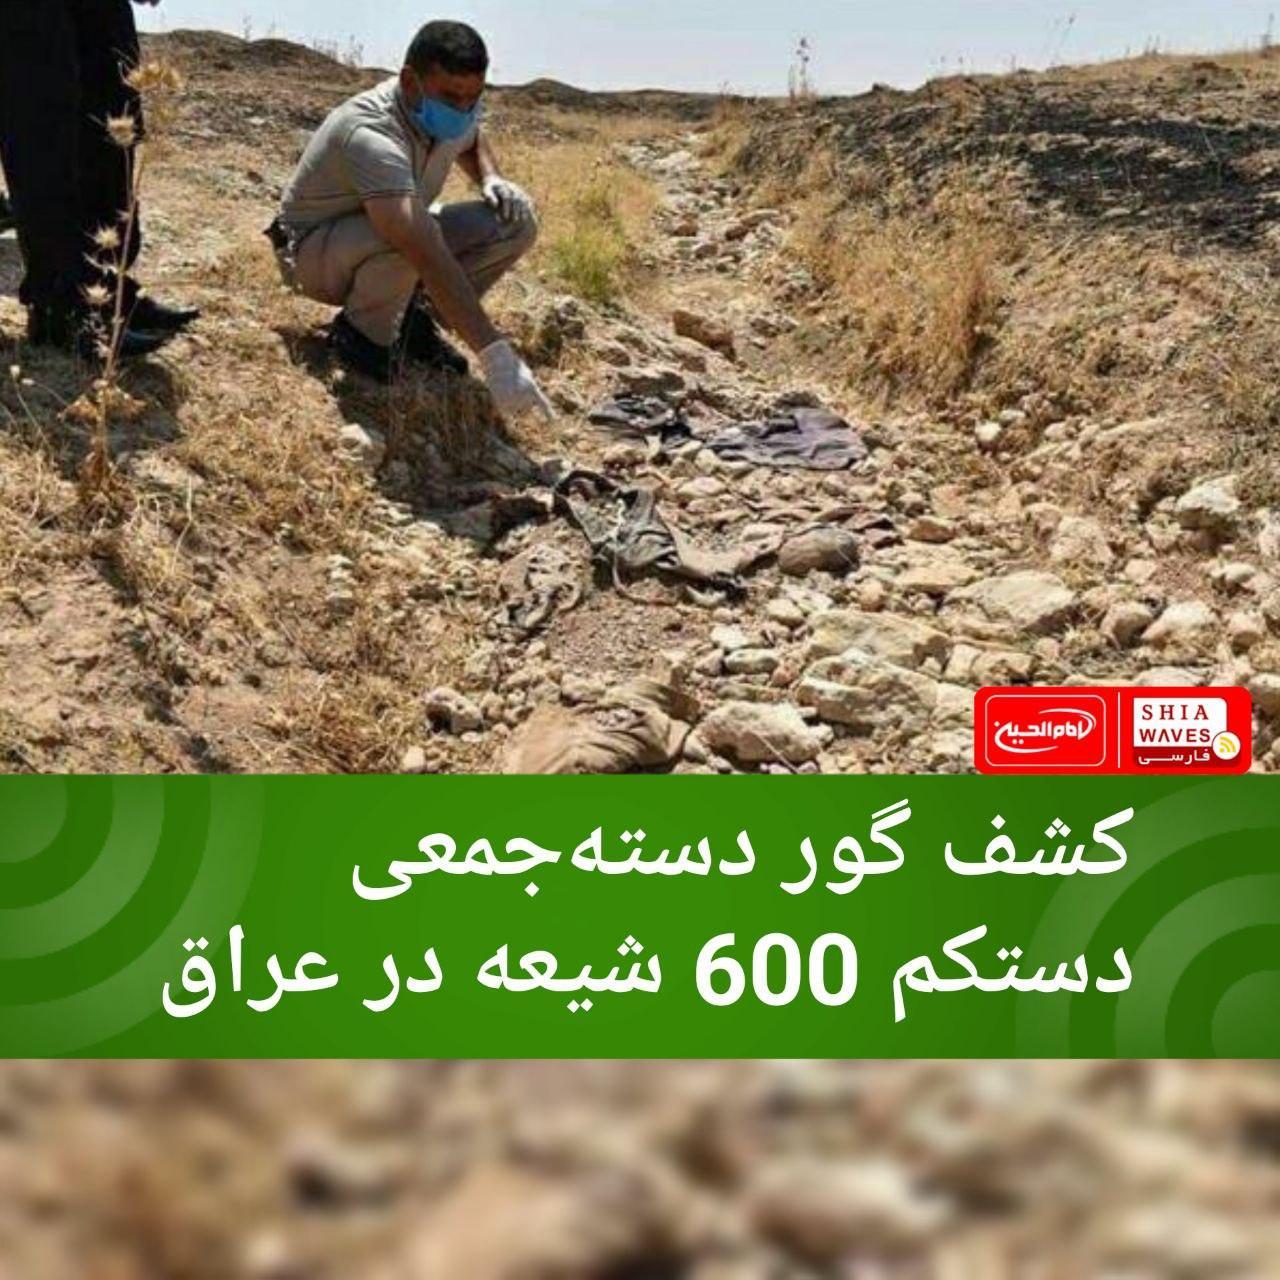 تصویر کشف گور دستهجمعی دستکم 600 شیعه در عراق